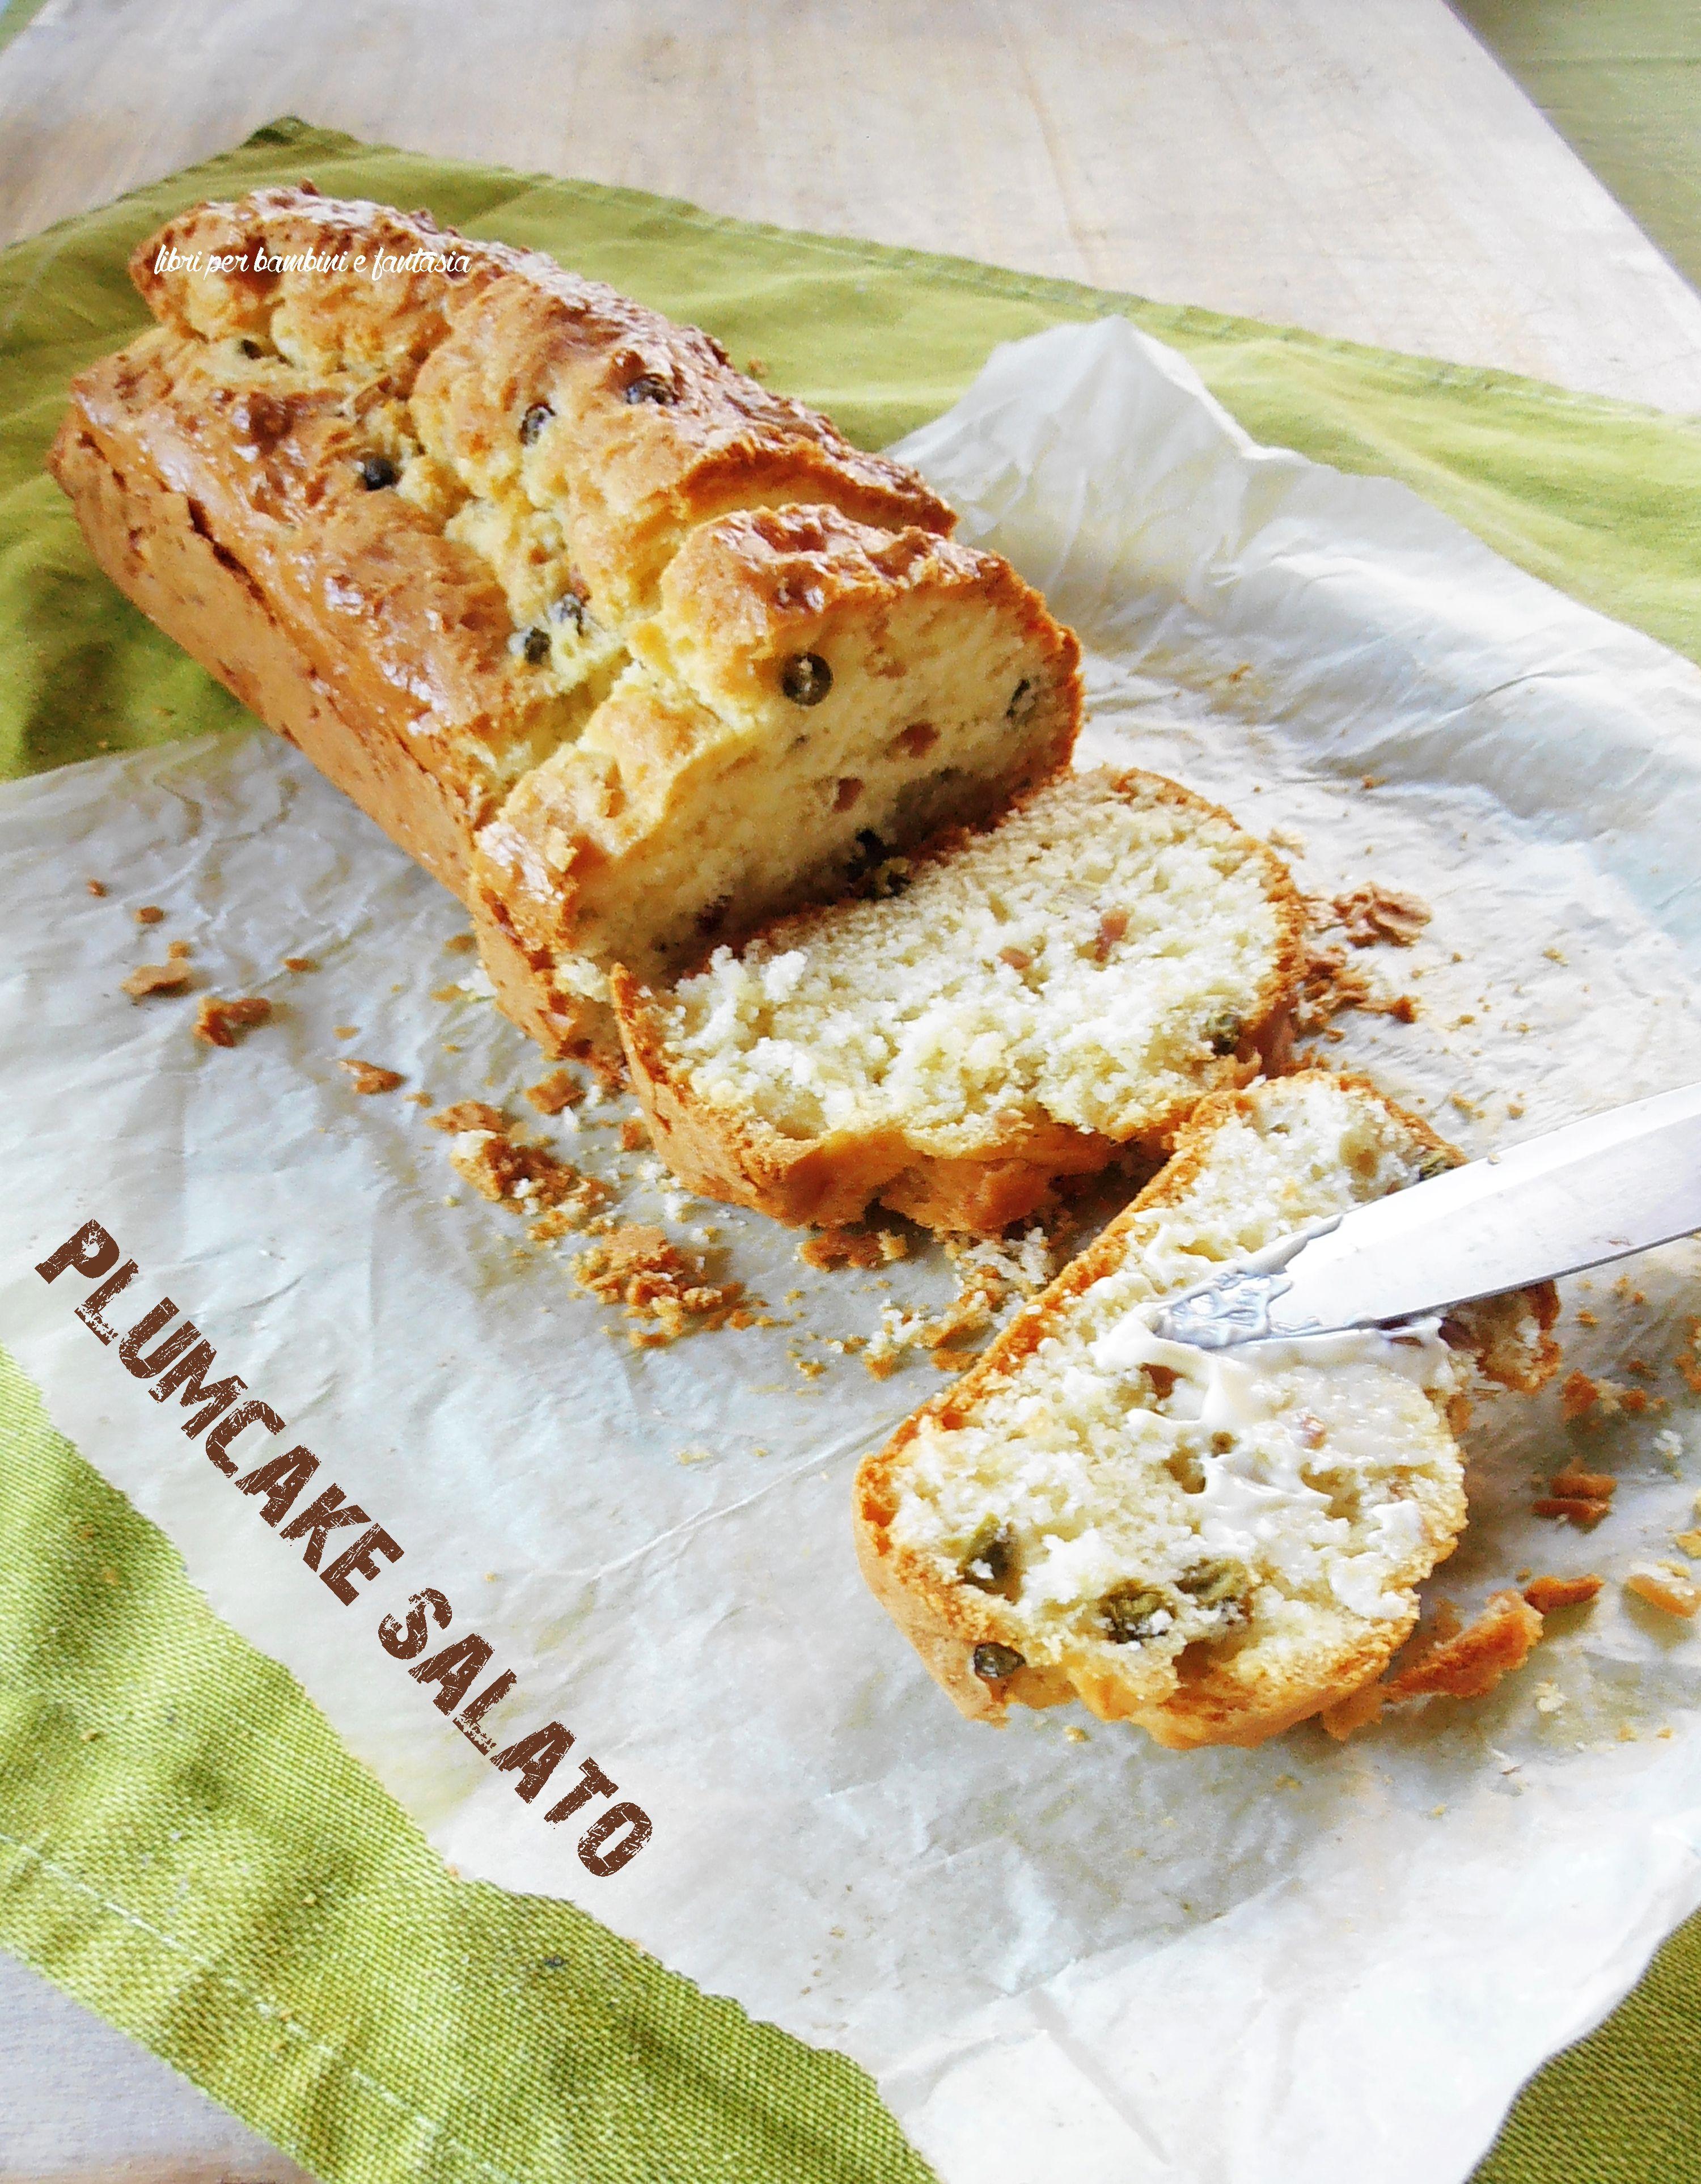 Libro Le Ricette Di Misya pensieri fuori dal coro: plumcake salato – scelgo un libro